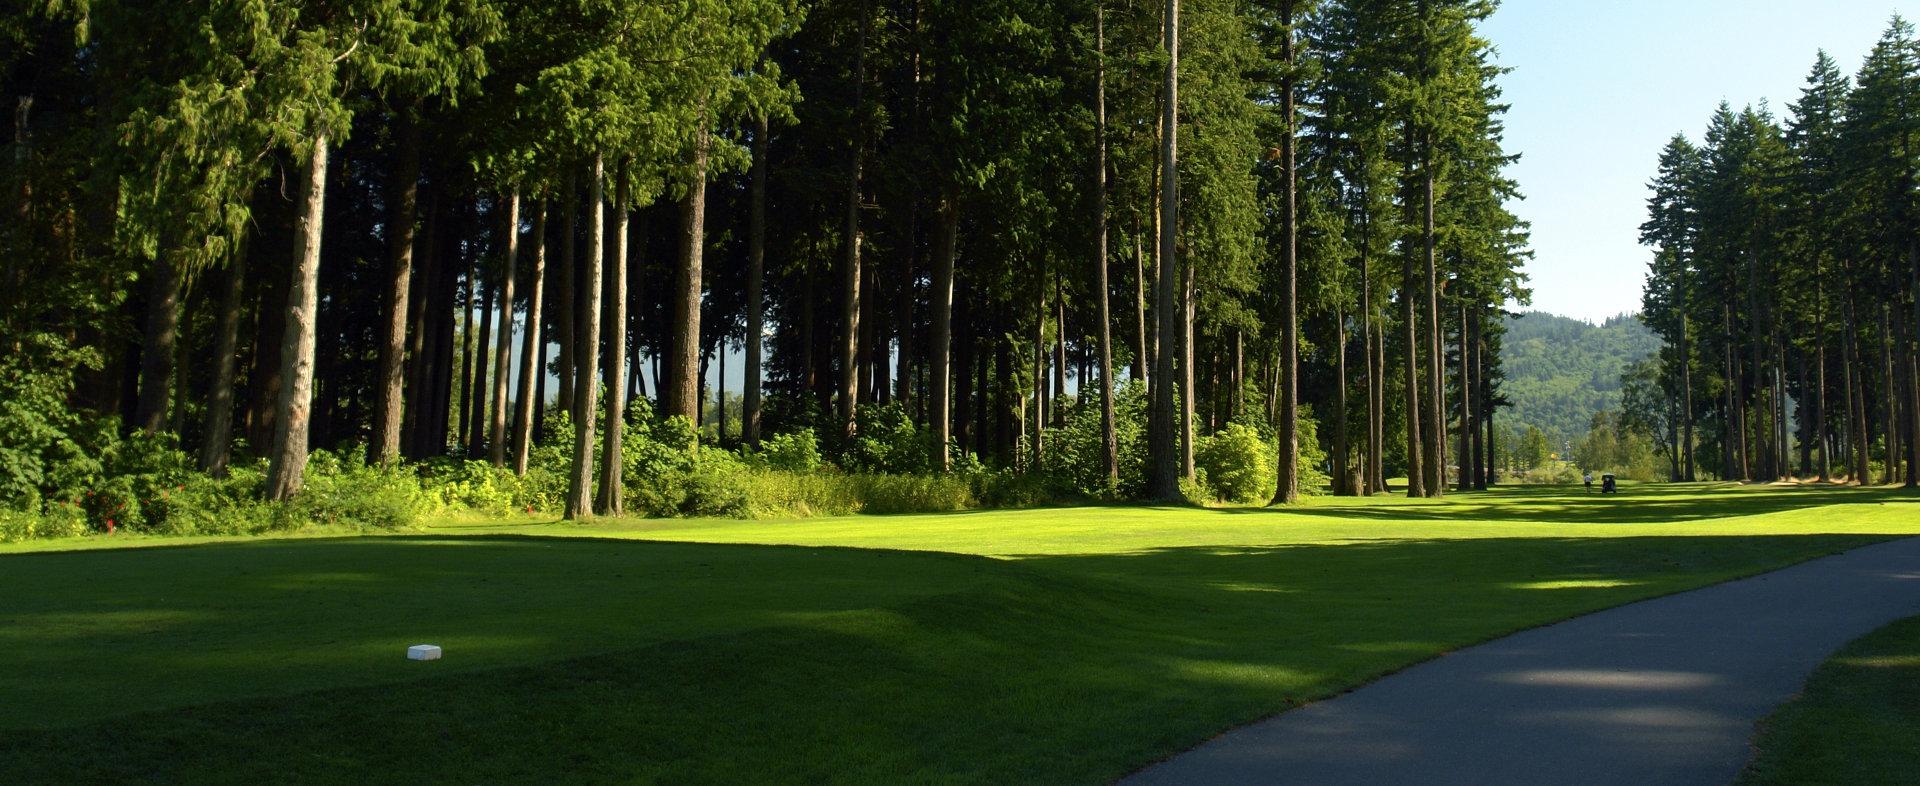 GOLFING GOLF FAIRWAY TREES PATH © Mark Hryciw   Dreamstime.com